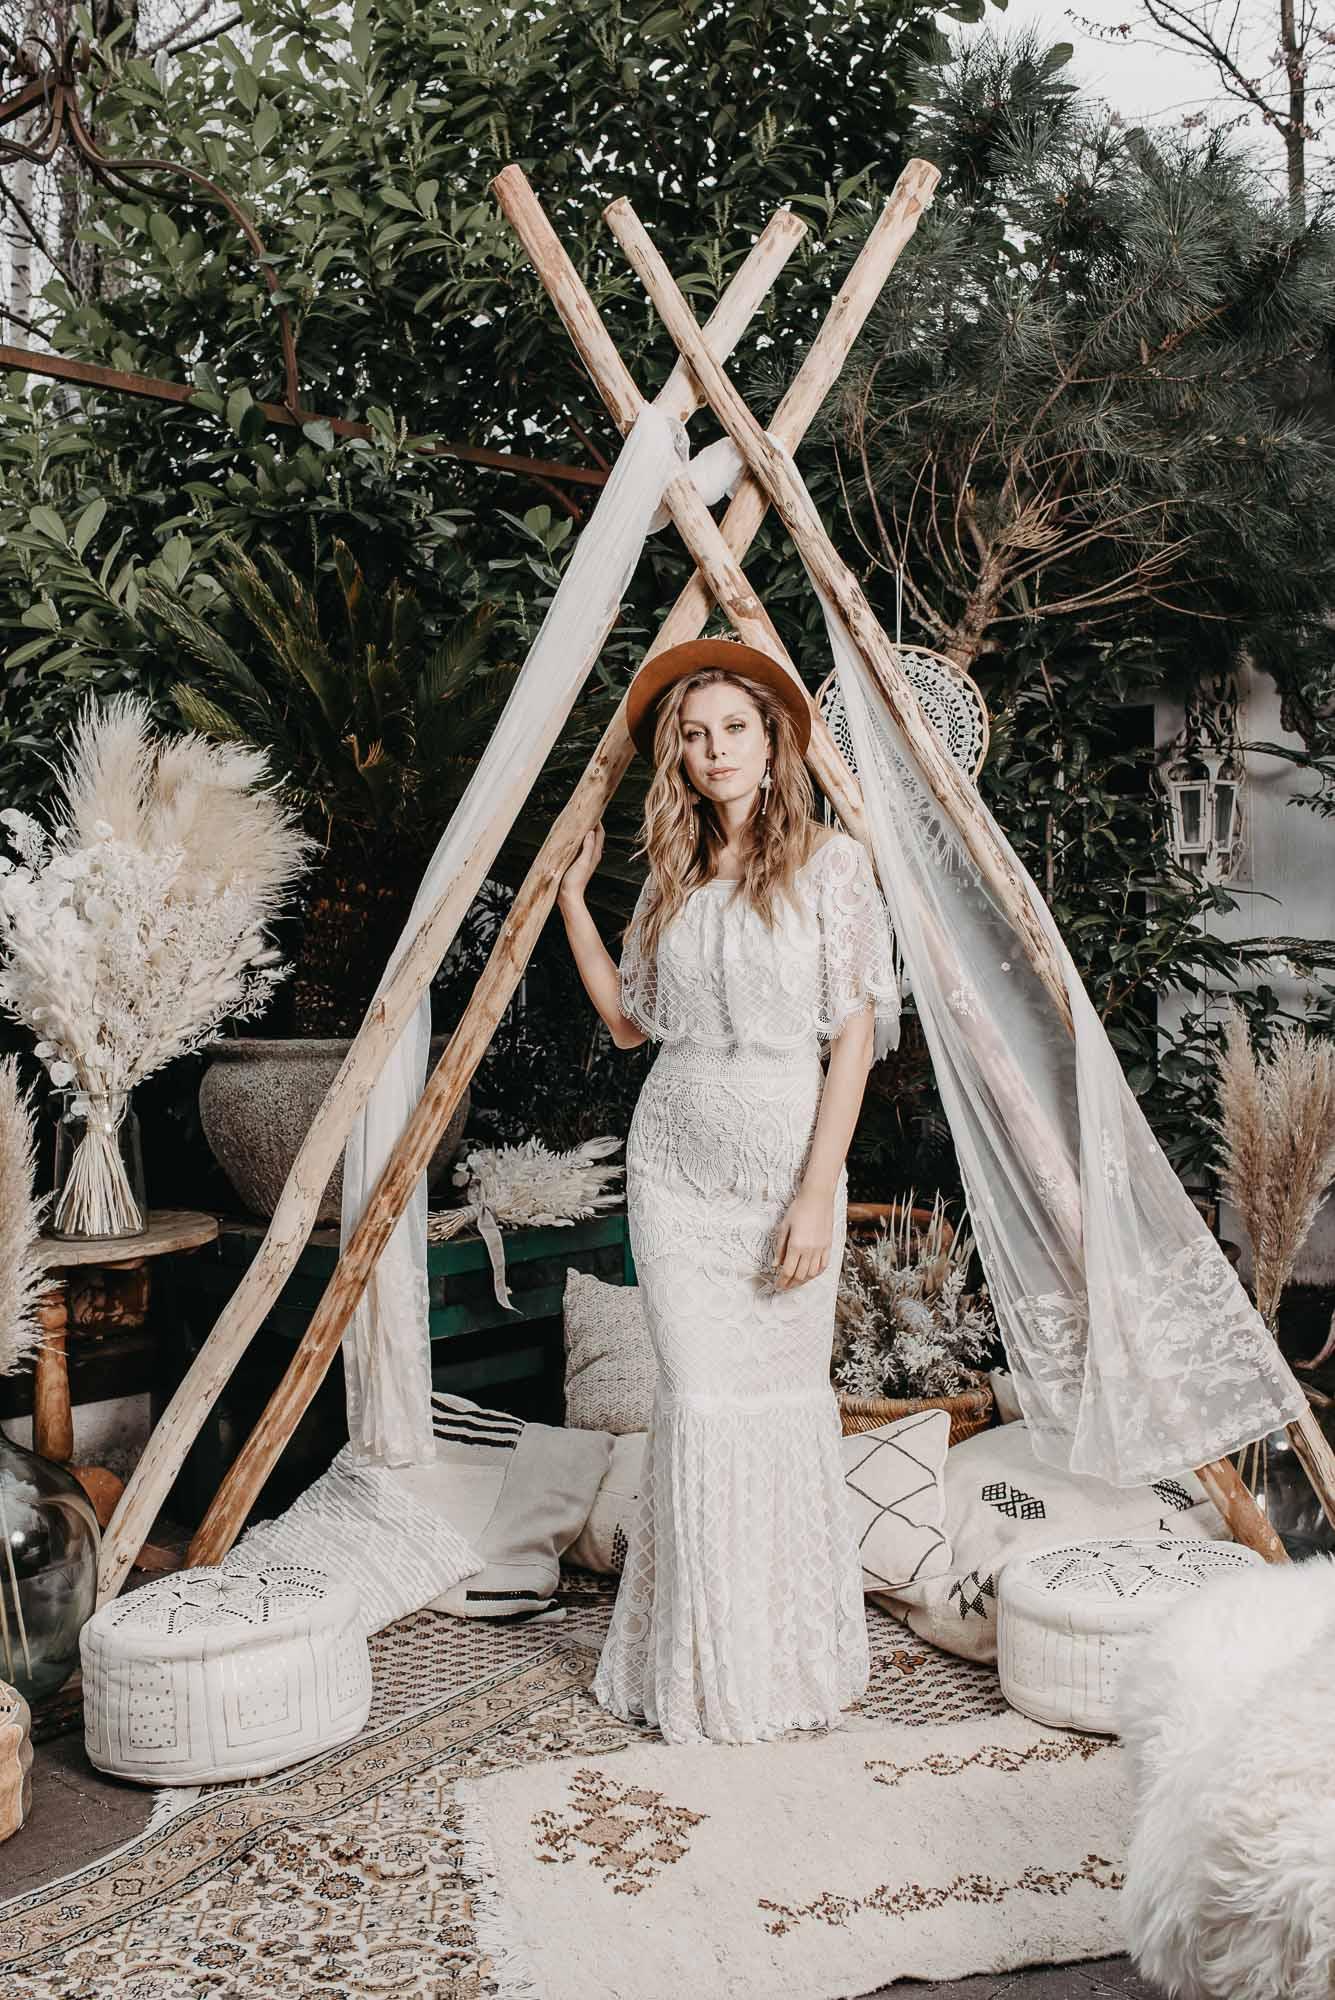 Ginger Brautkleid Vorne - Brautmode von Oonce